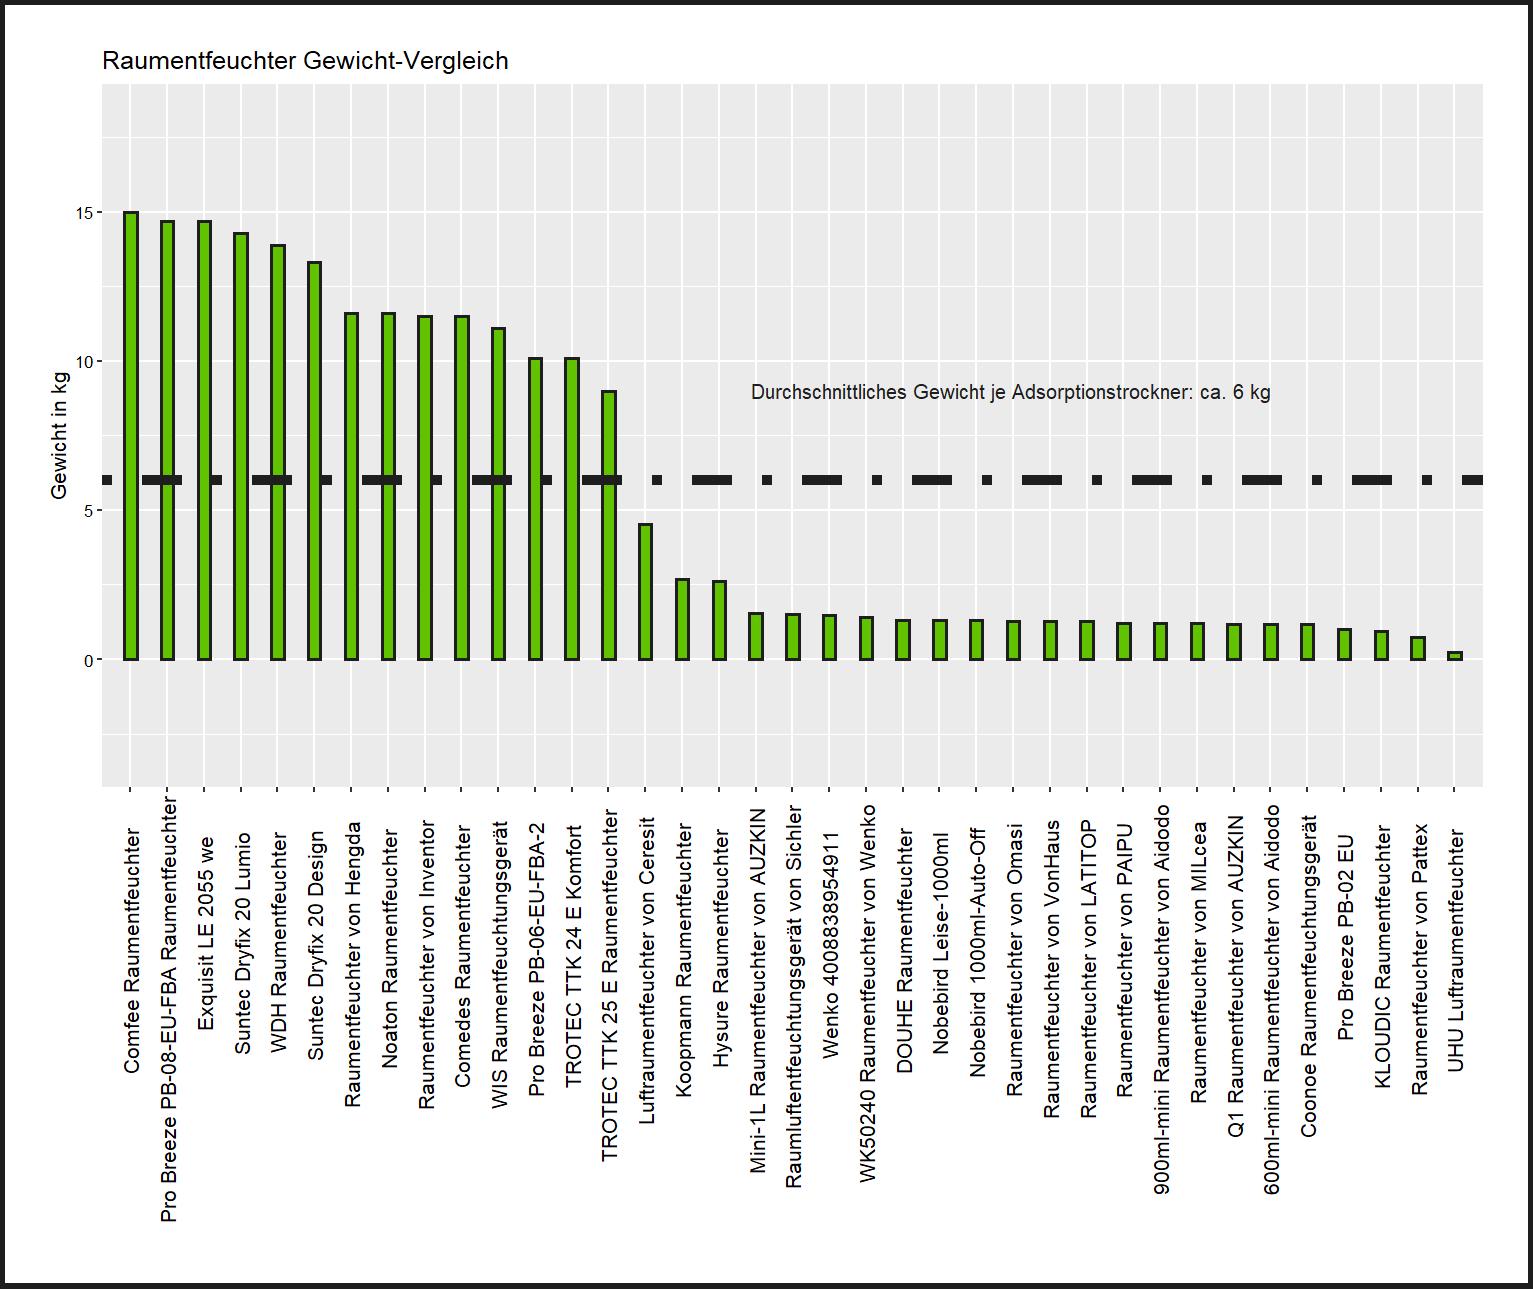 Gewicht-Vergleich aller Luftentfeuchter